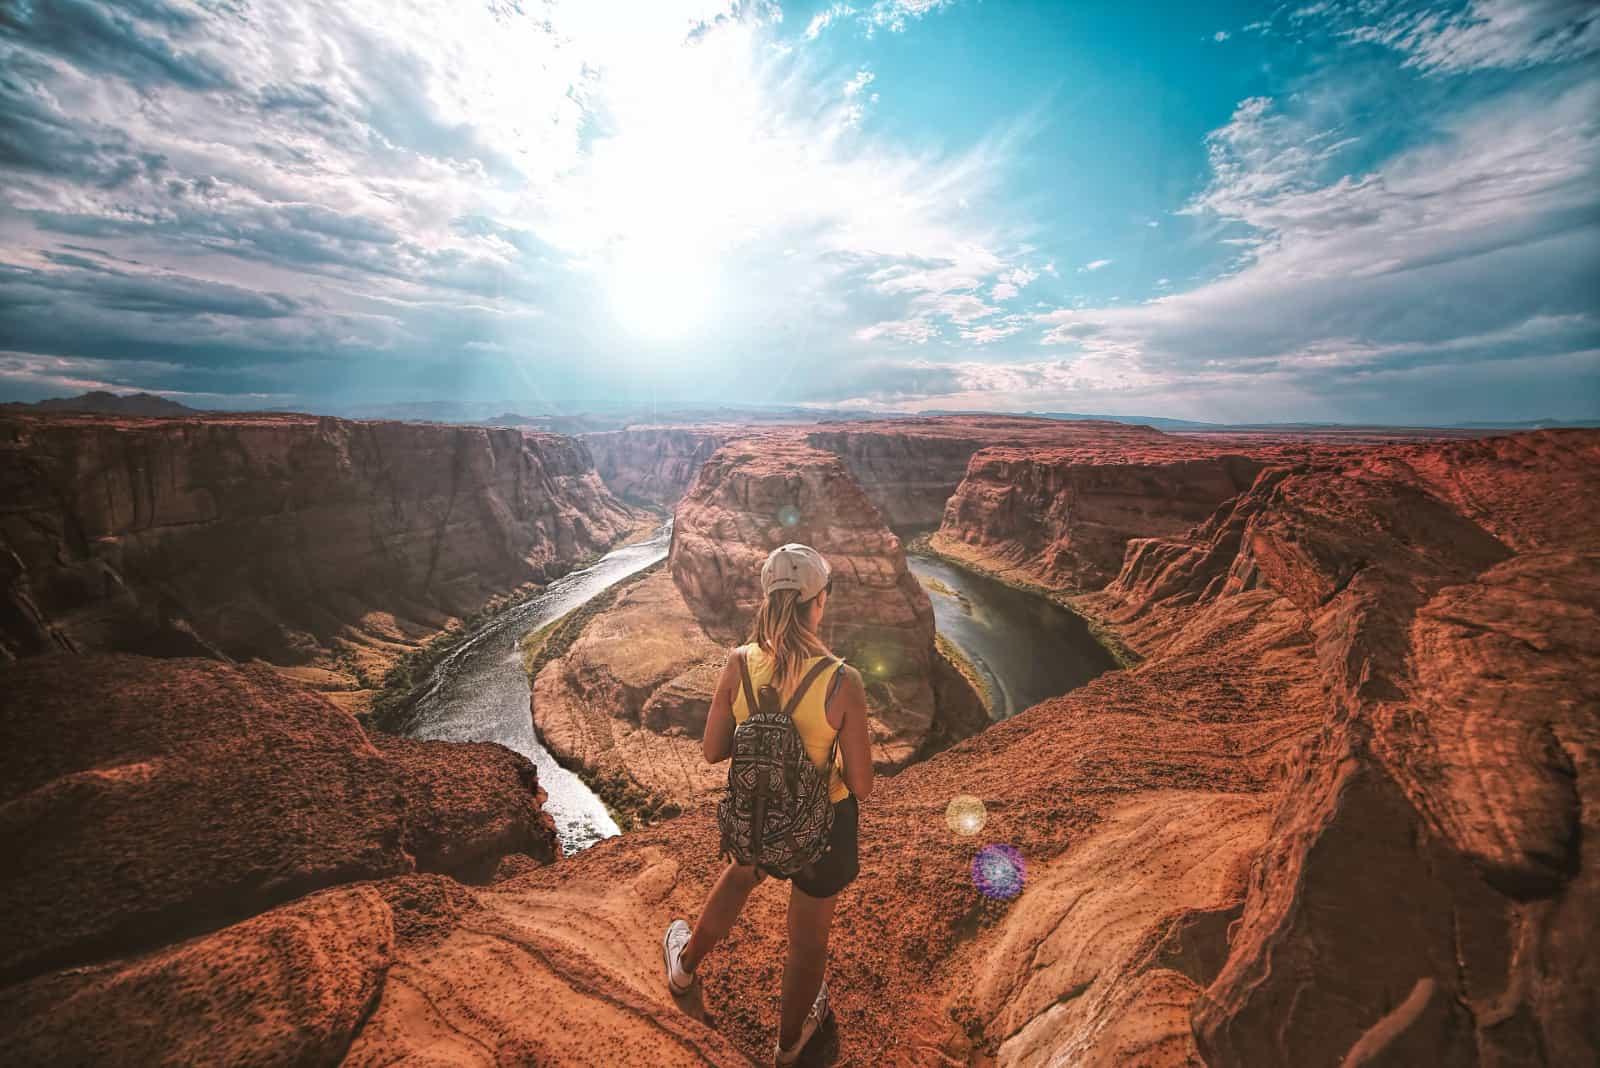 femme avec un sac à dos au sommet d'un canyon